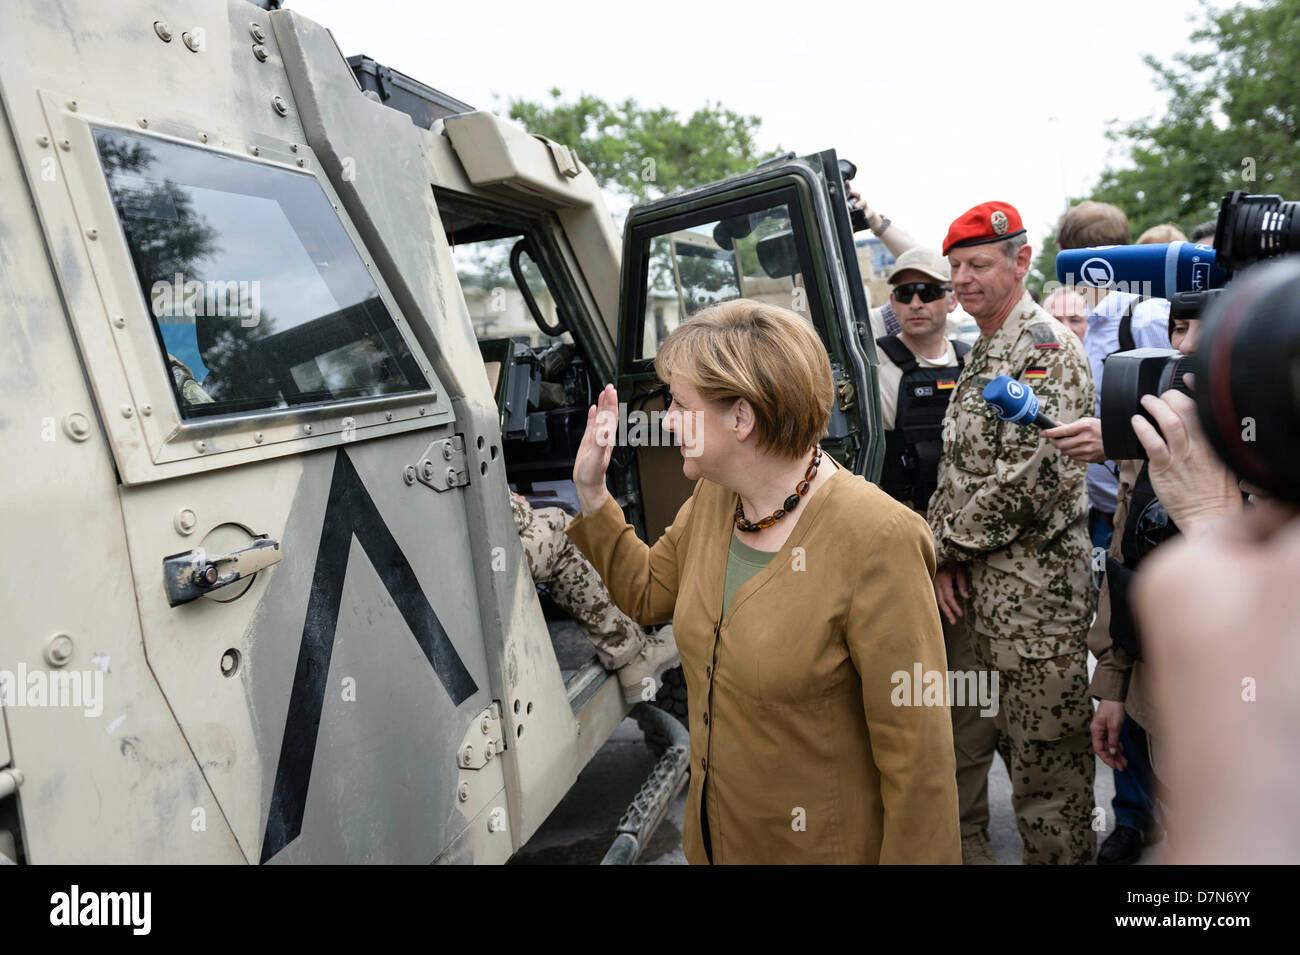 Die deutsche Bundeskanzlerin Angela Merkel bei einem Rundgang in Afghanistan auf dem Gelände des Bundeswehr Feldlagers am 10.05.2013 in Kundus. Foto: Bundesregierung/Ole Krünkelfeld Stock Photo